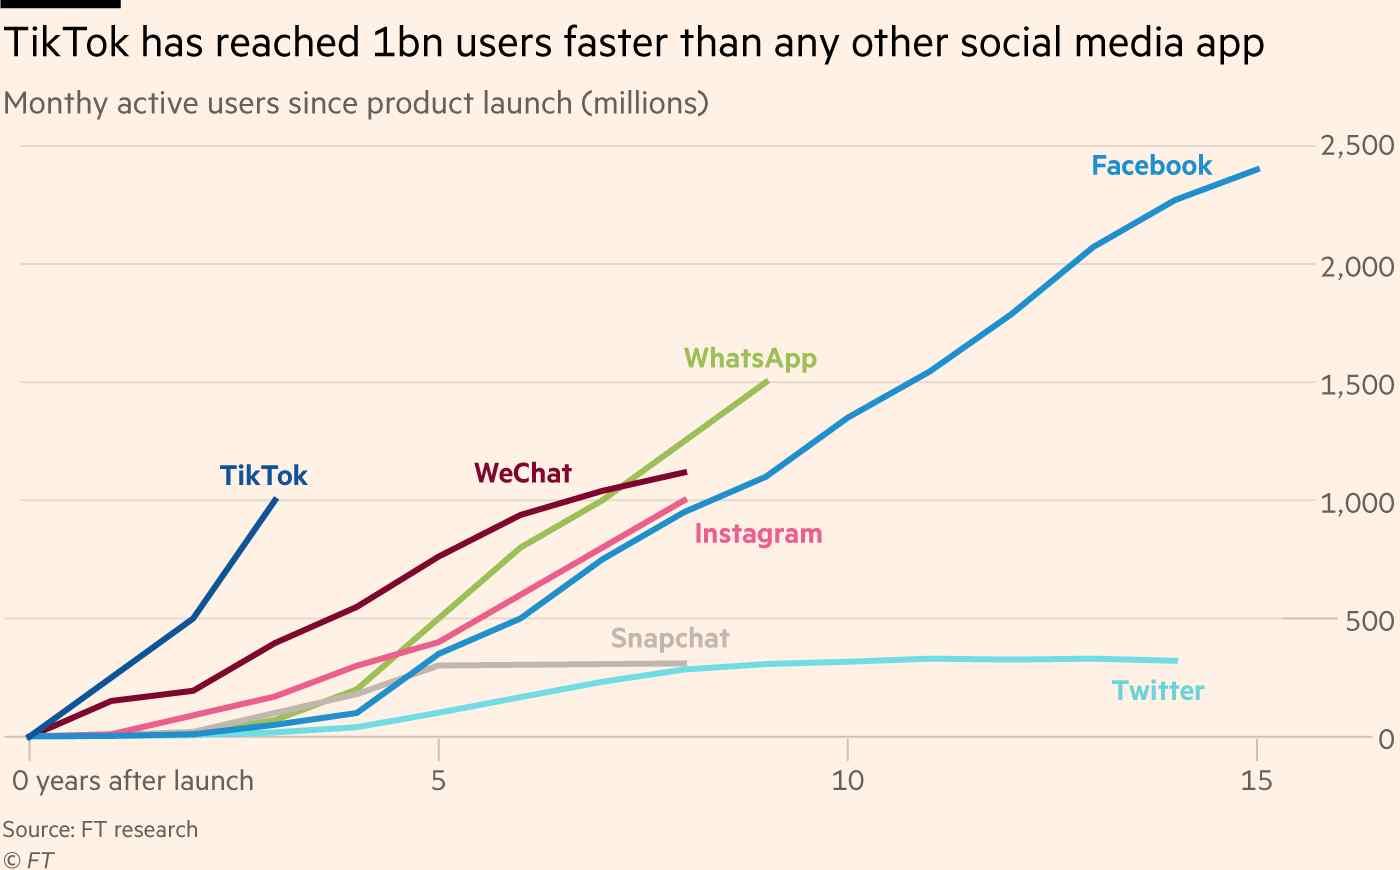 Anni TikTok 1 miliardo utenti